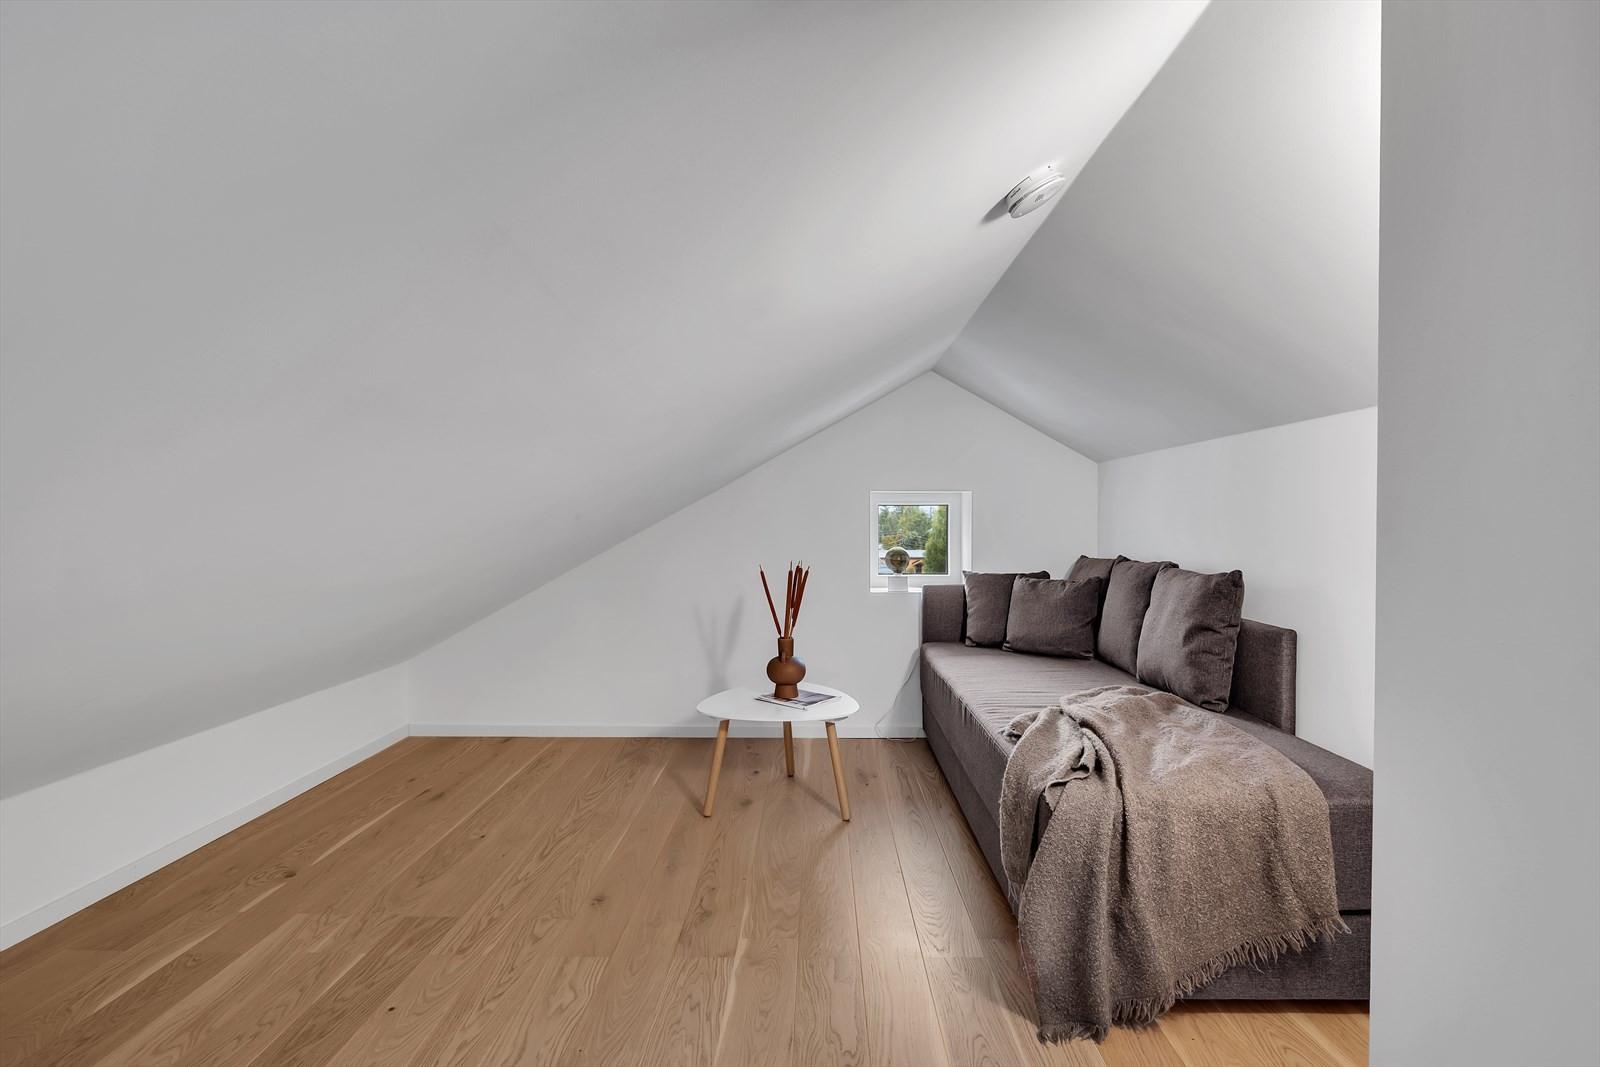 På loftet finner du også dette praktiske rommet. Grunnen takhøyde er det ikke målbart